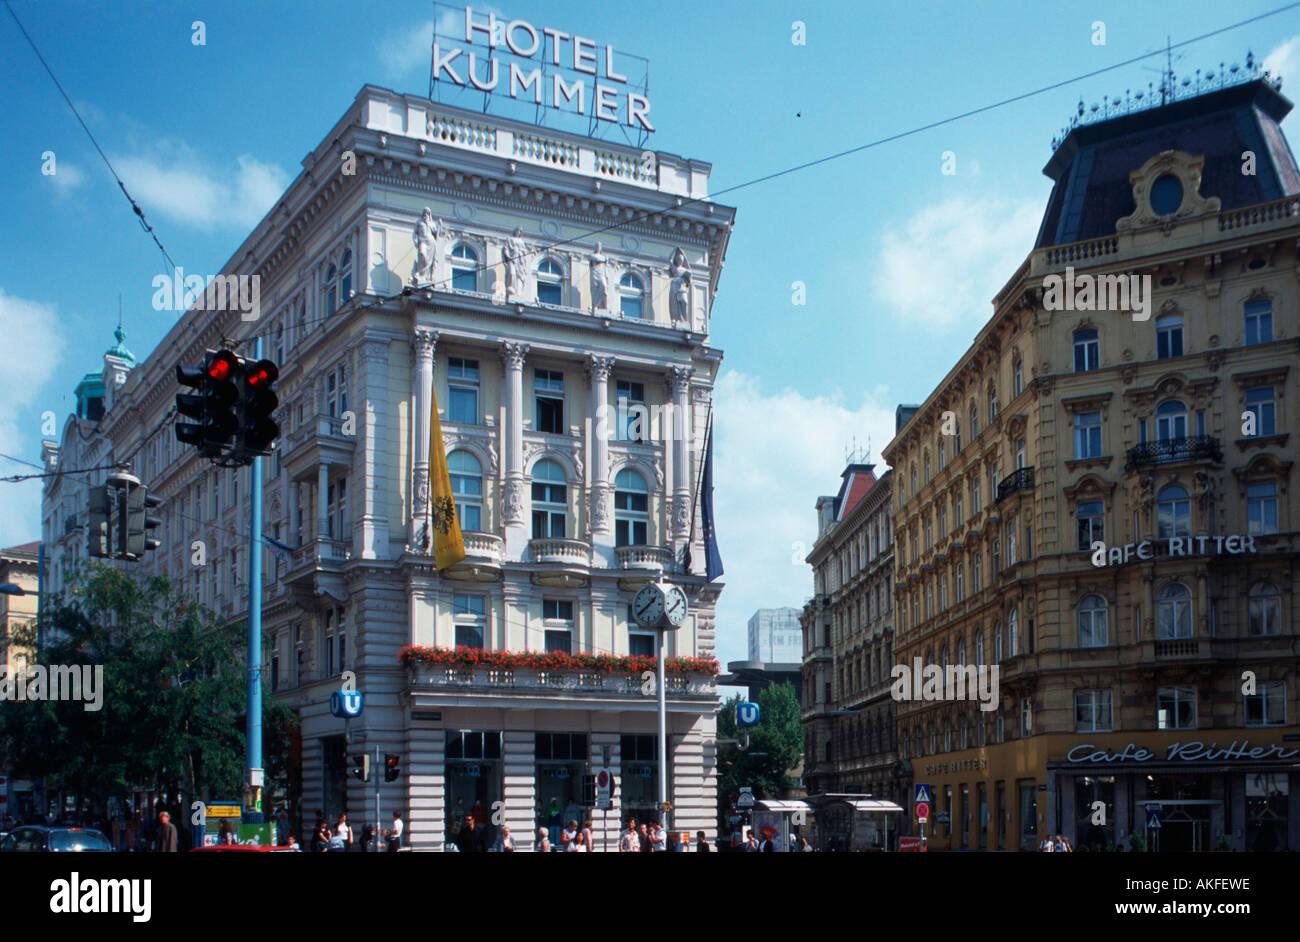 Wien Hotel Kummer